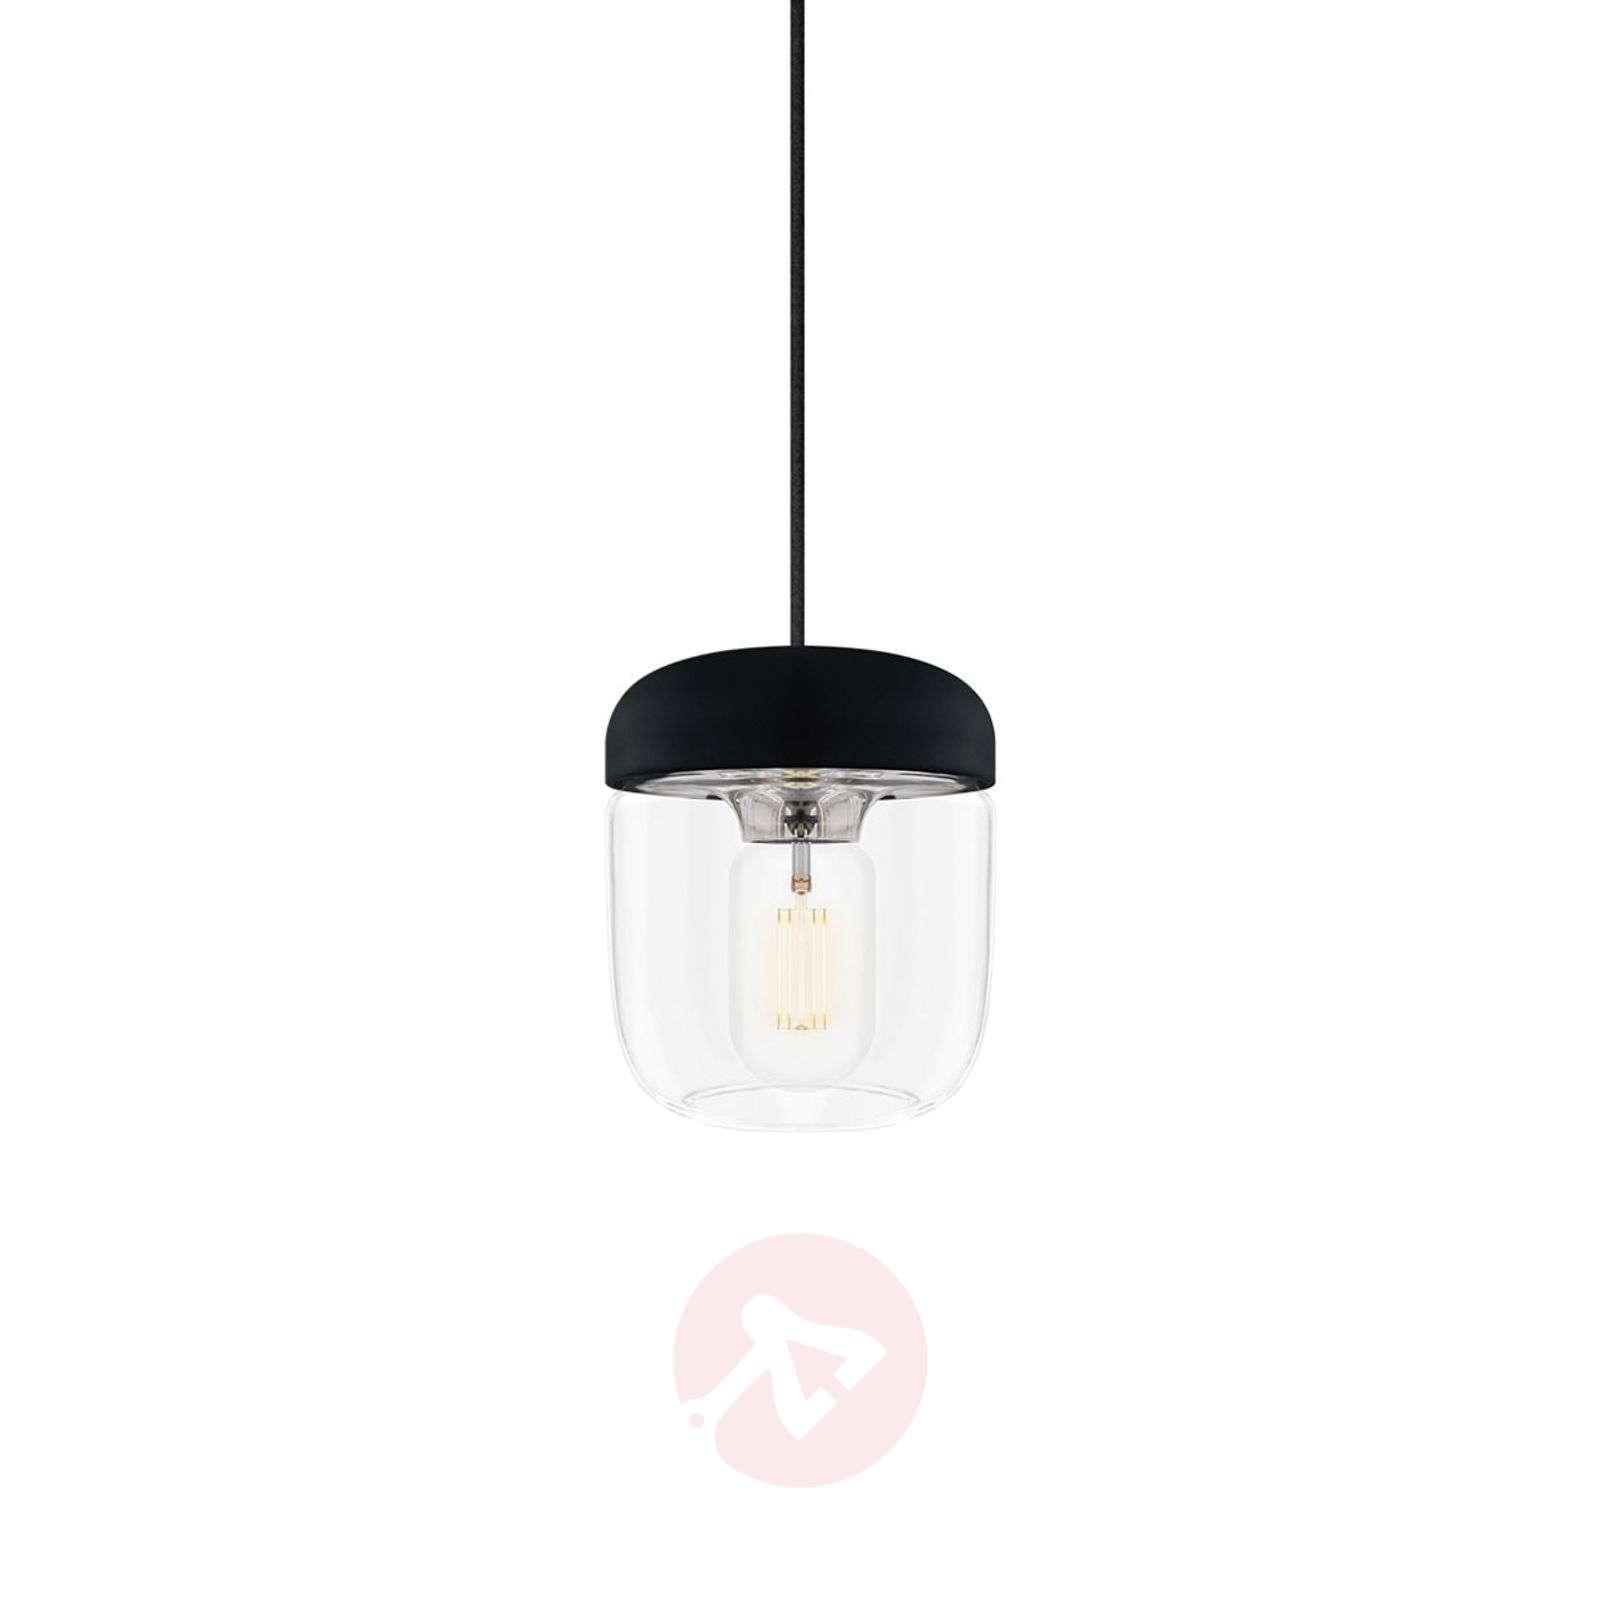 Design-riippuvalaisin Acorn, musta ja teräs-9521078-01